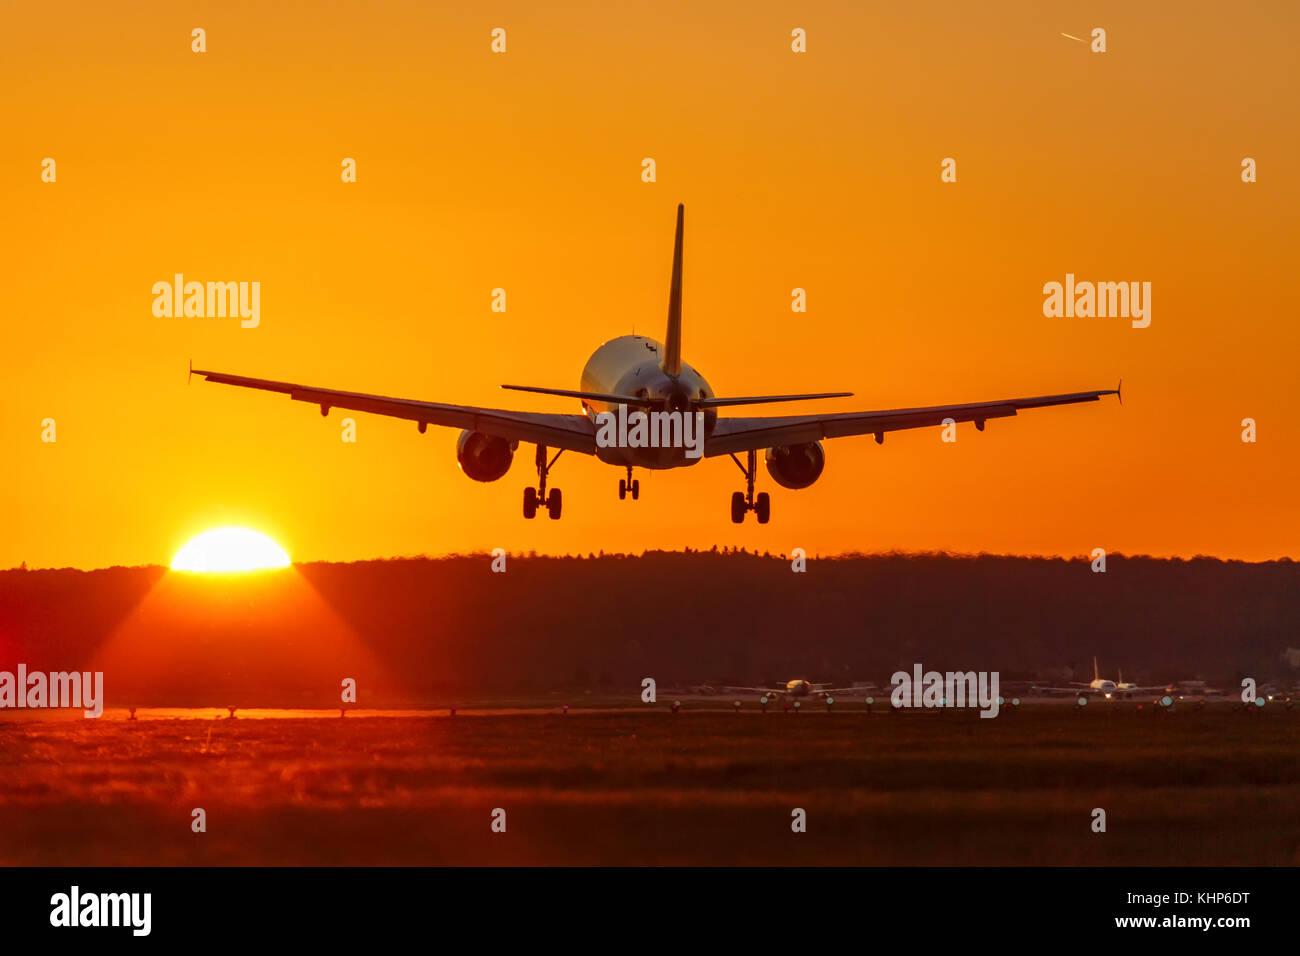 L'atterrissage de l'avion de l'aéroport de vol soleil coucher locations de vacances billet d'avion voyage avion qui se déplace Banque D'Images